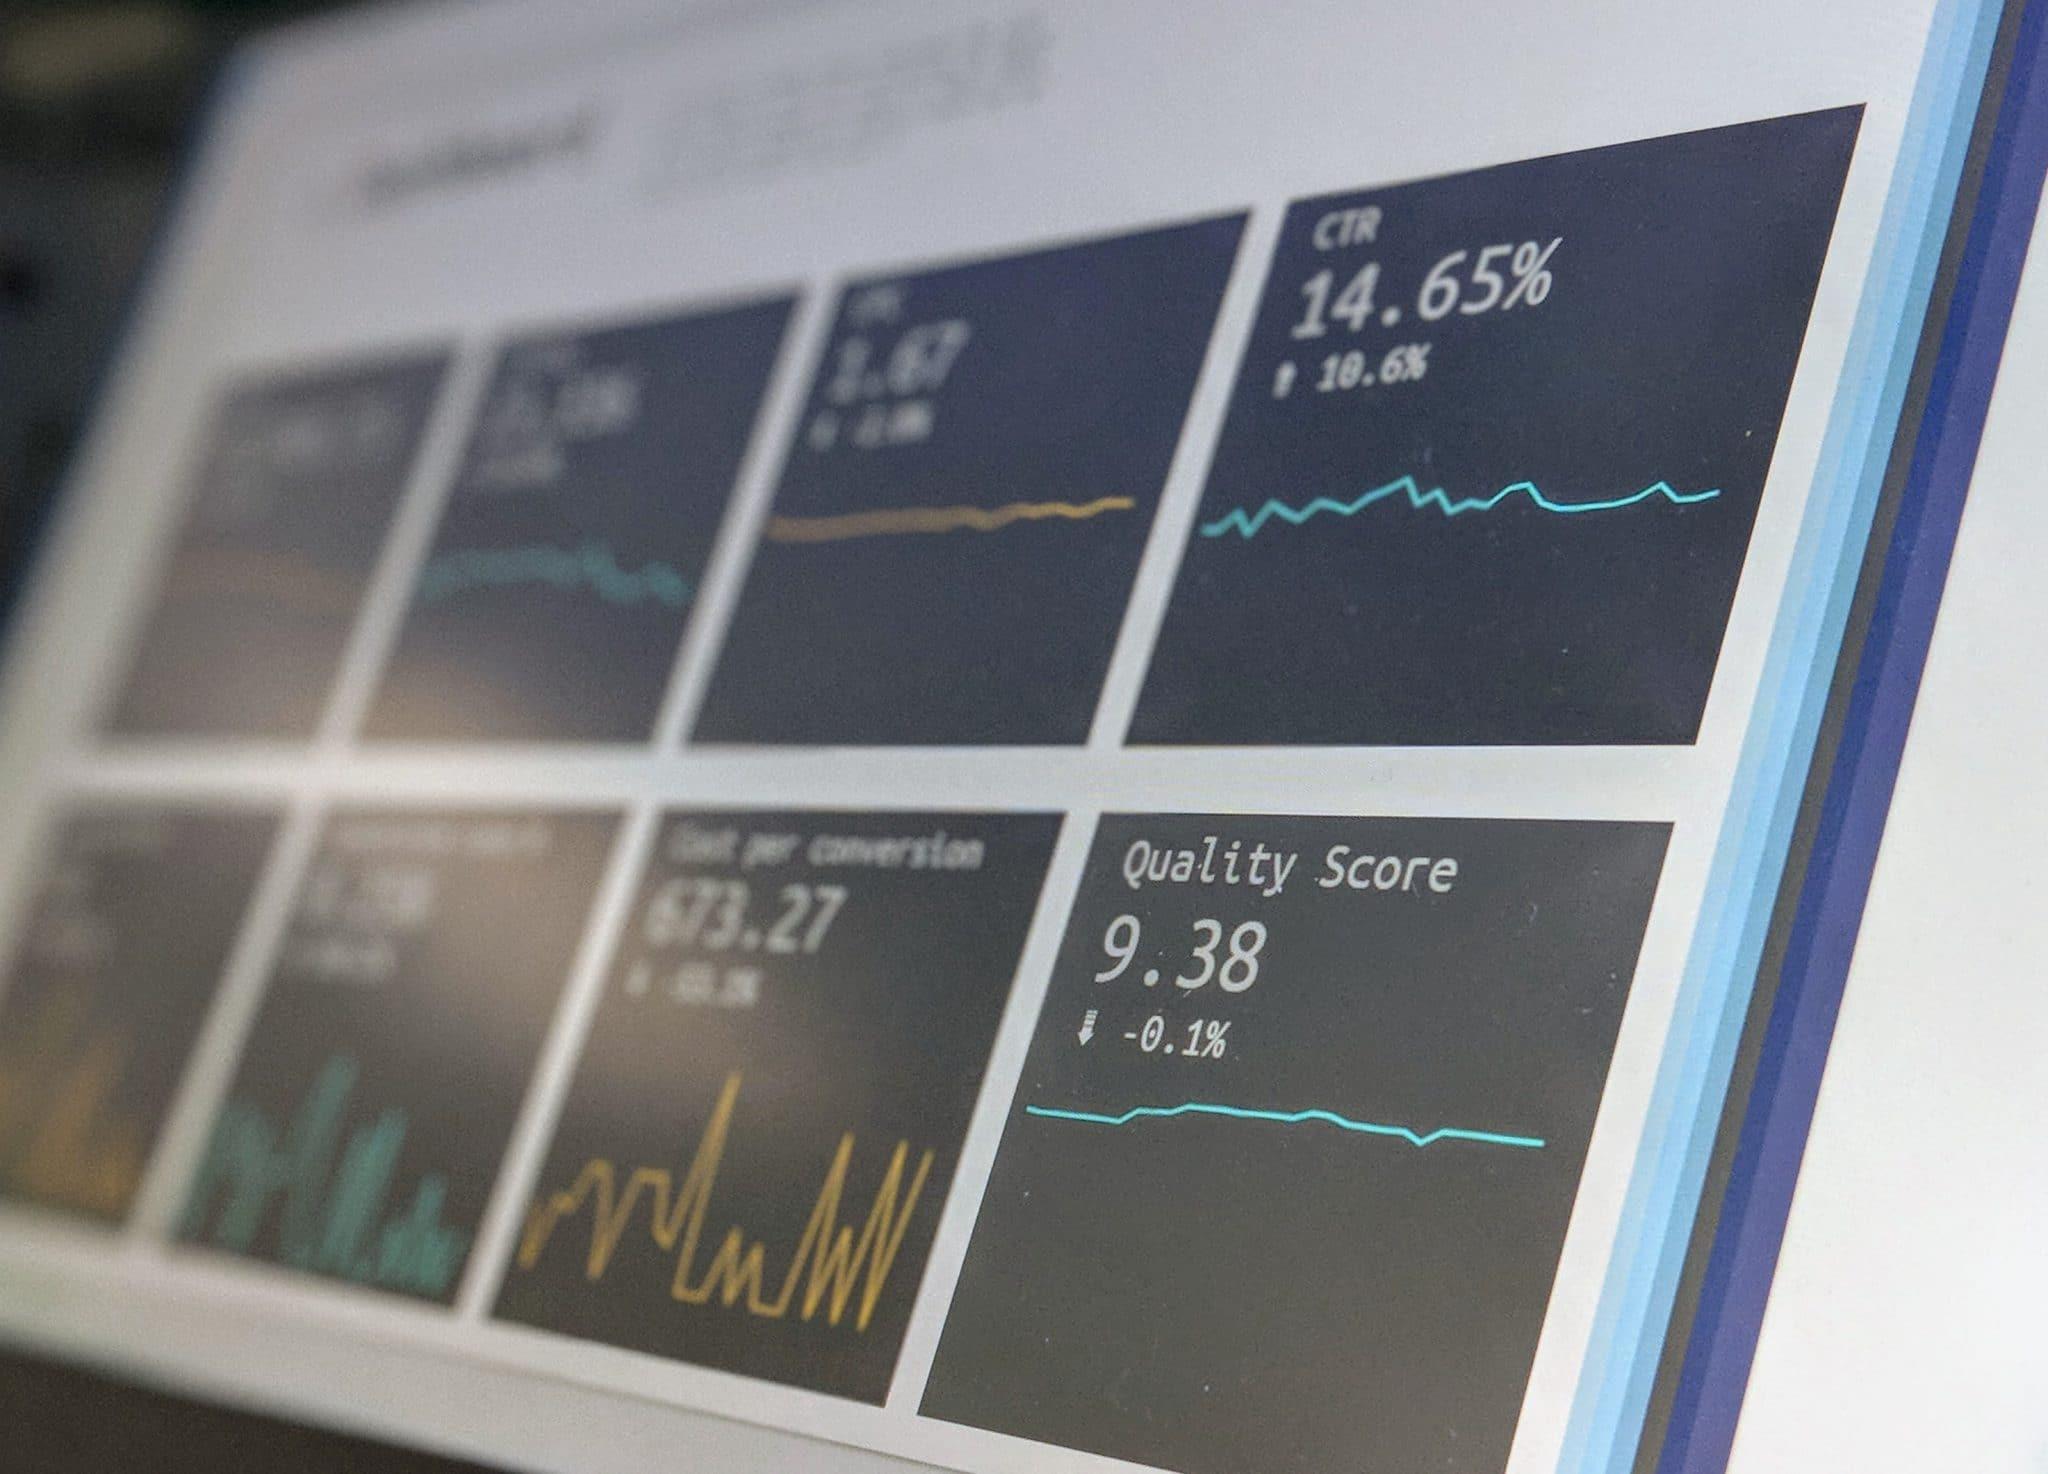 Dashboard met data bij trends in marktonderzoek